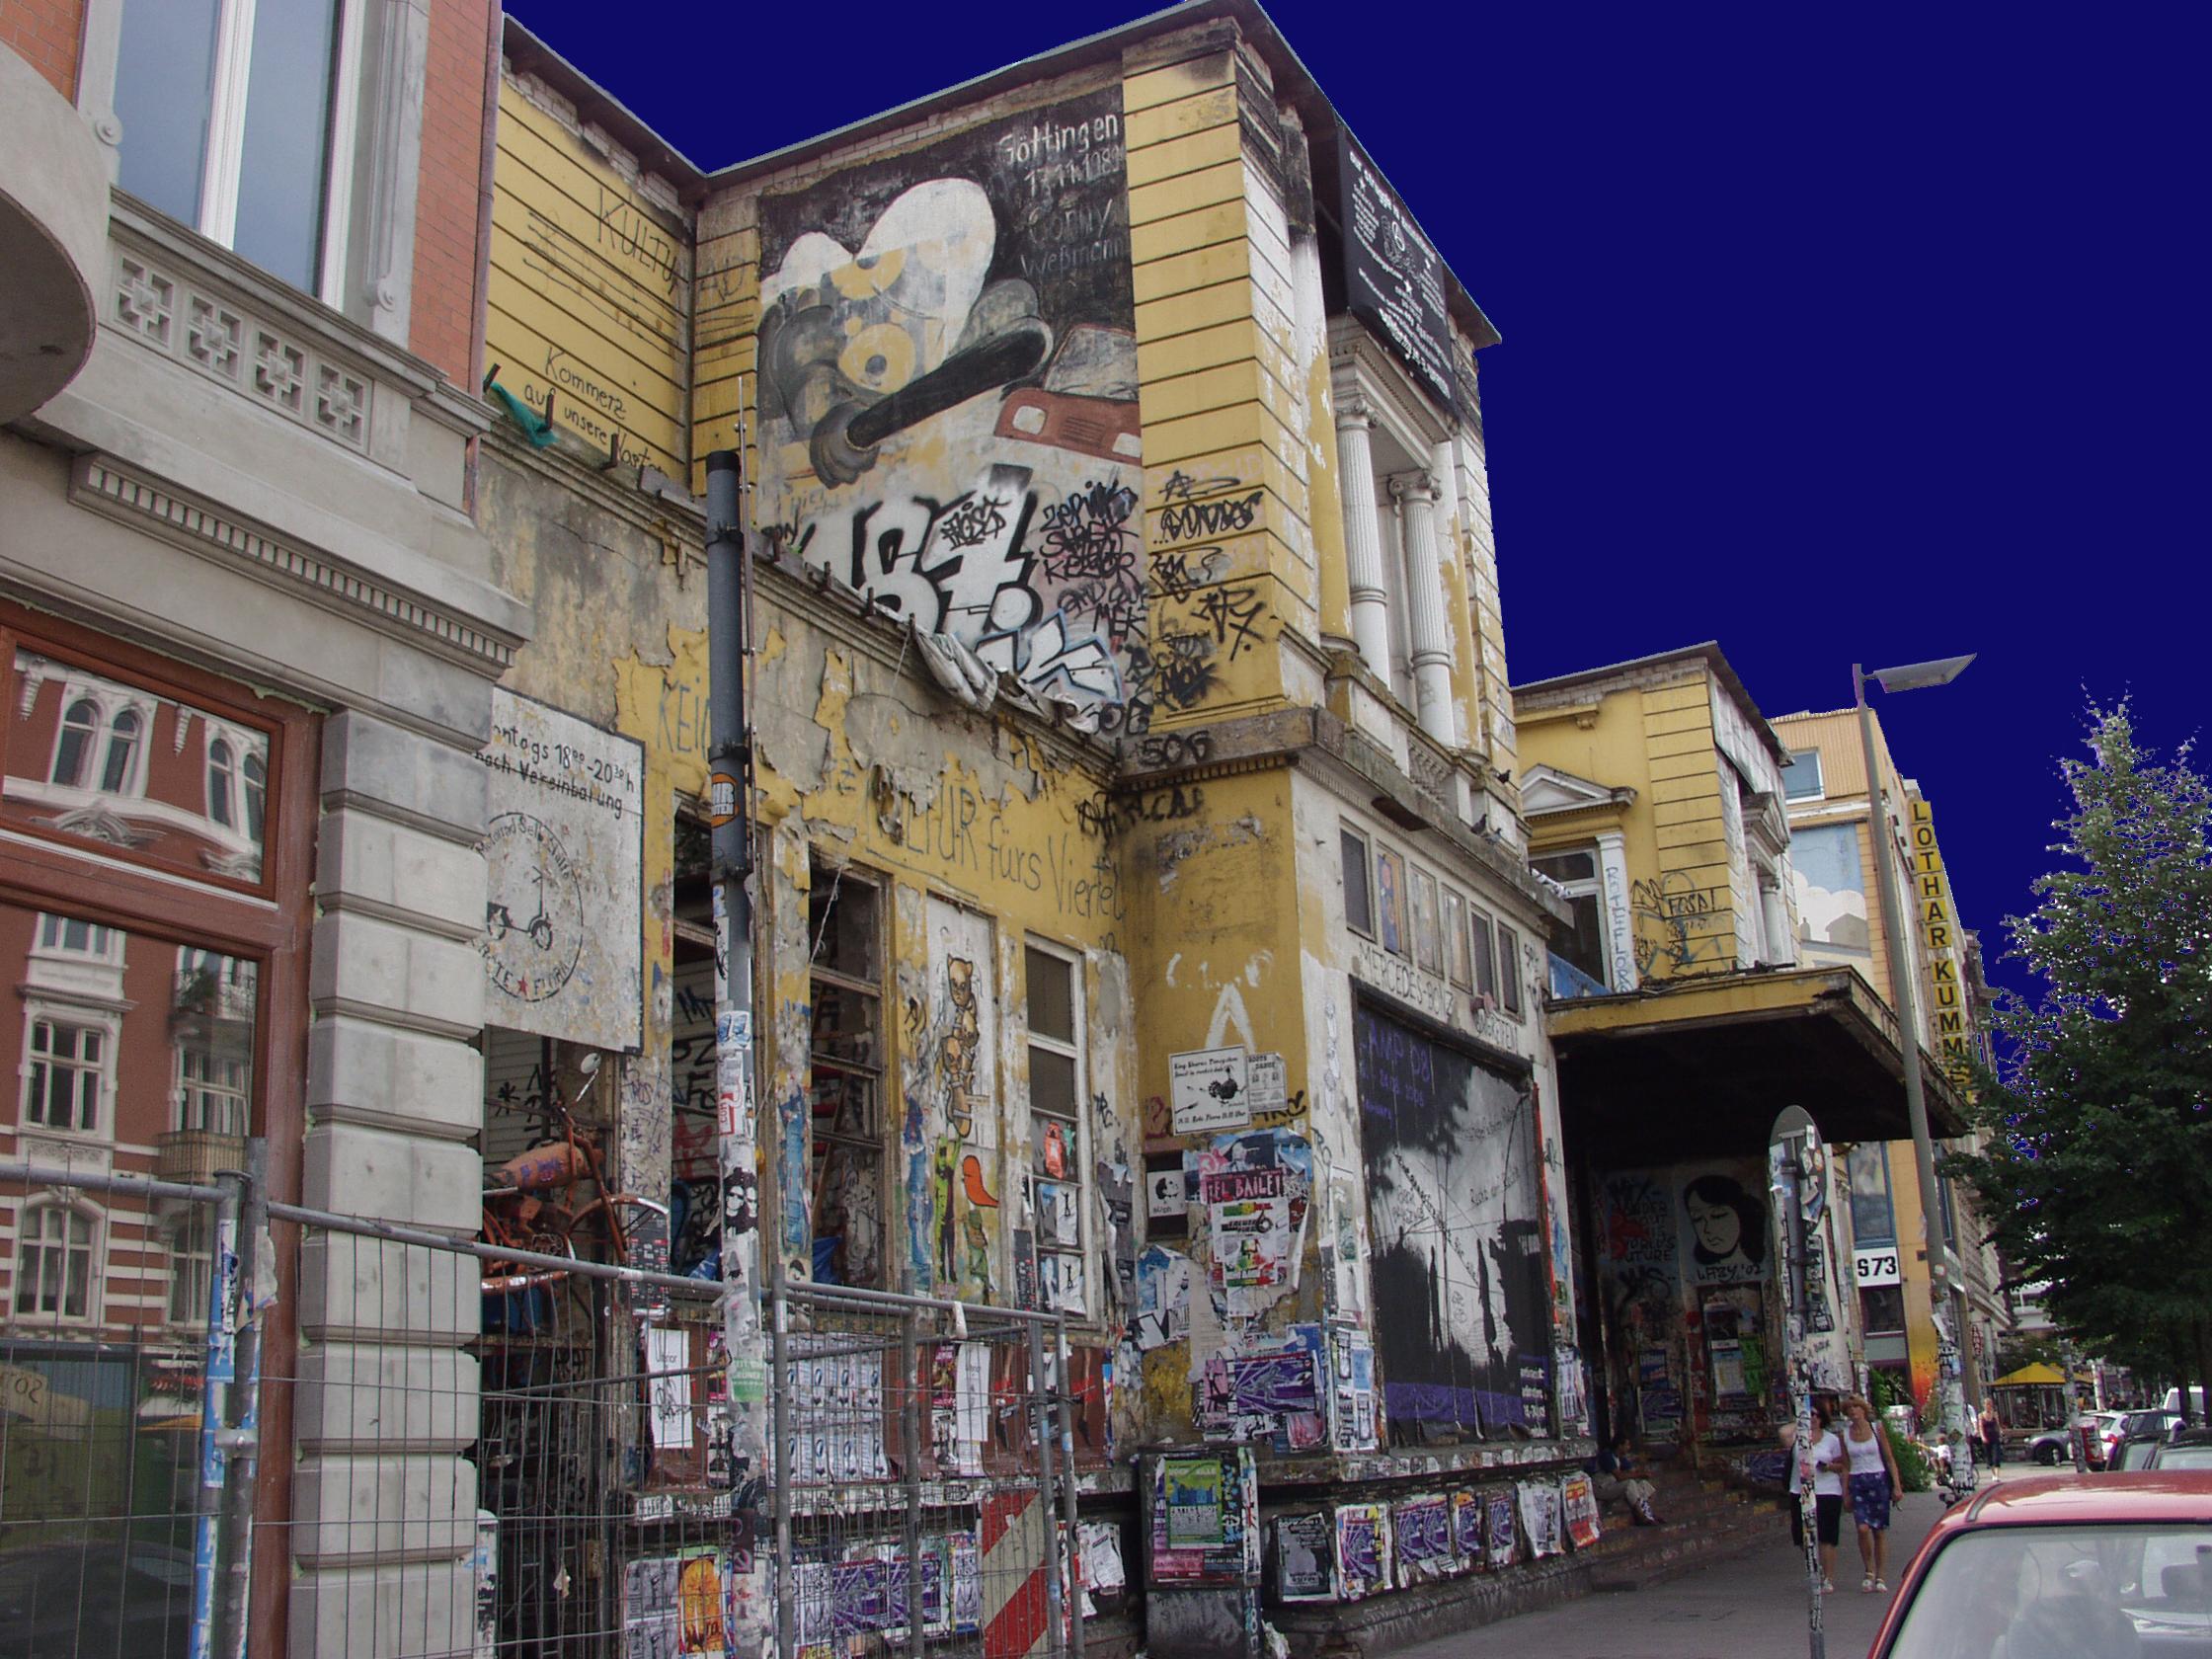 Schanzenviertel, Rote Flora, Hamburg, Kulturzentrum